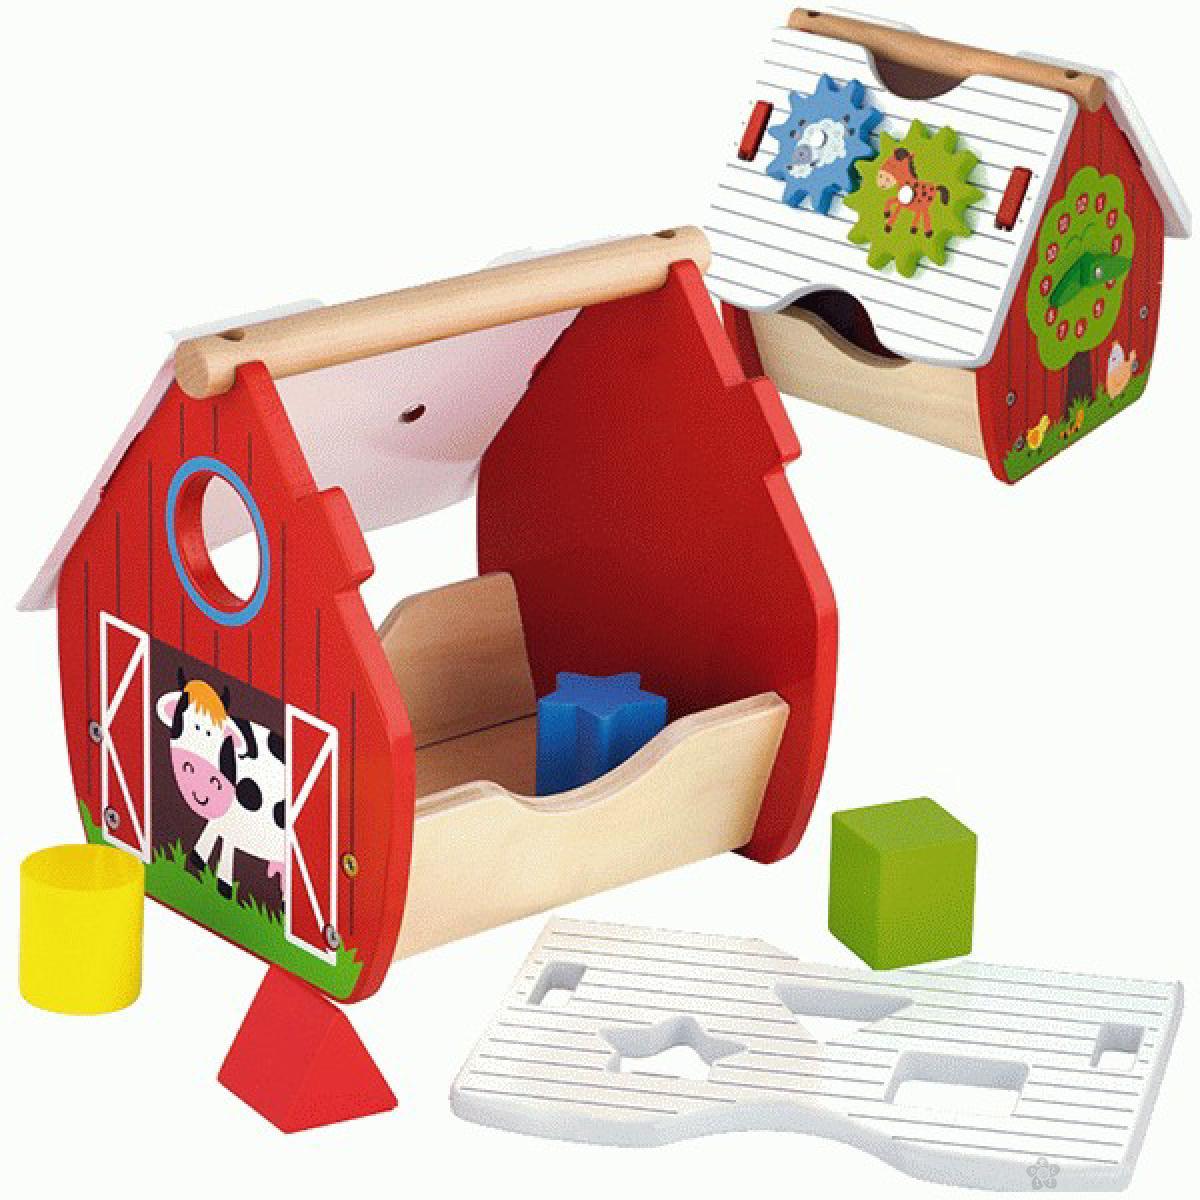 Drvena igračka aktiviti kućica farma Viga, 50533